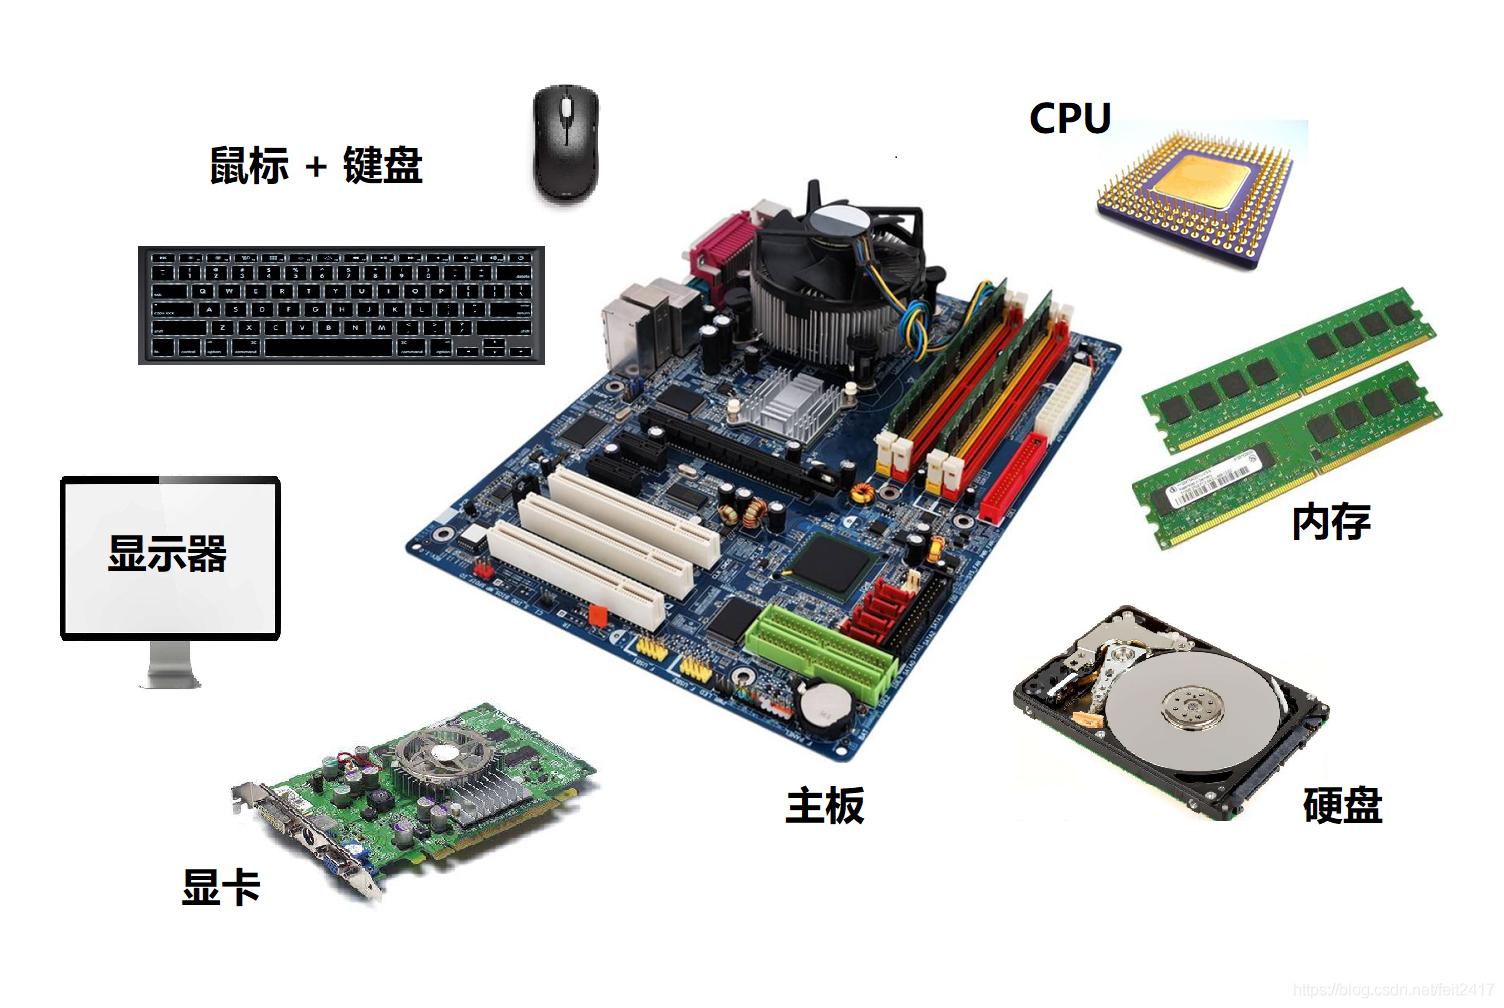 操作系统 - 连接硬件